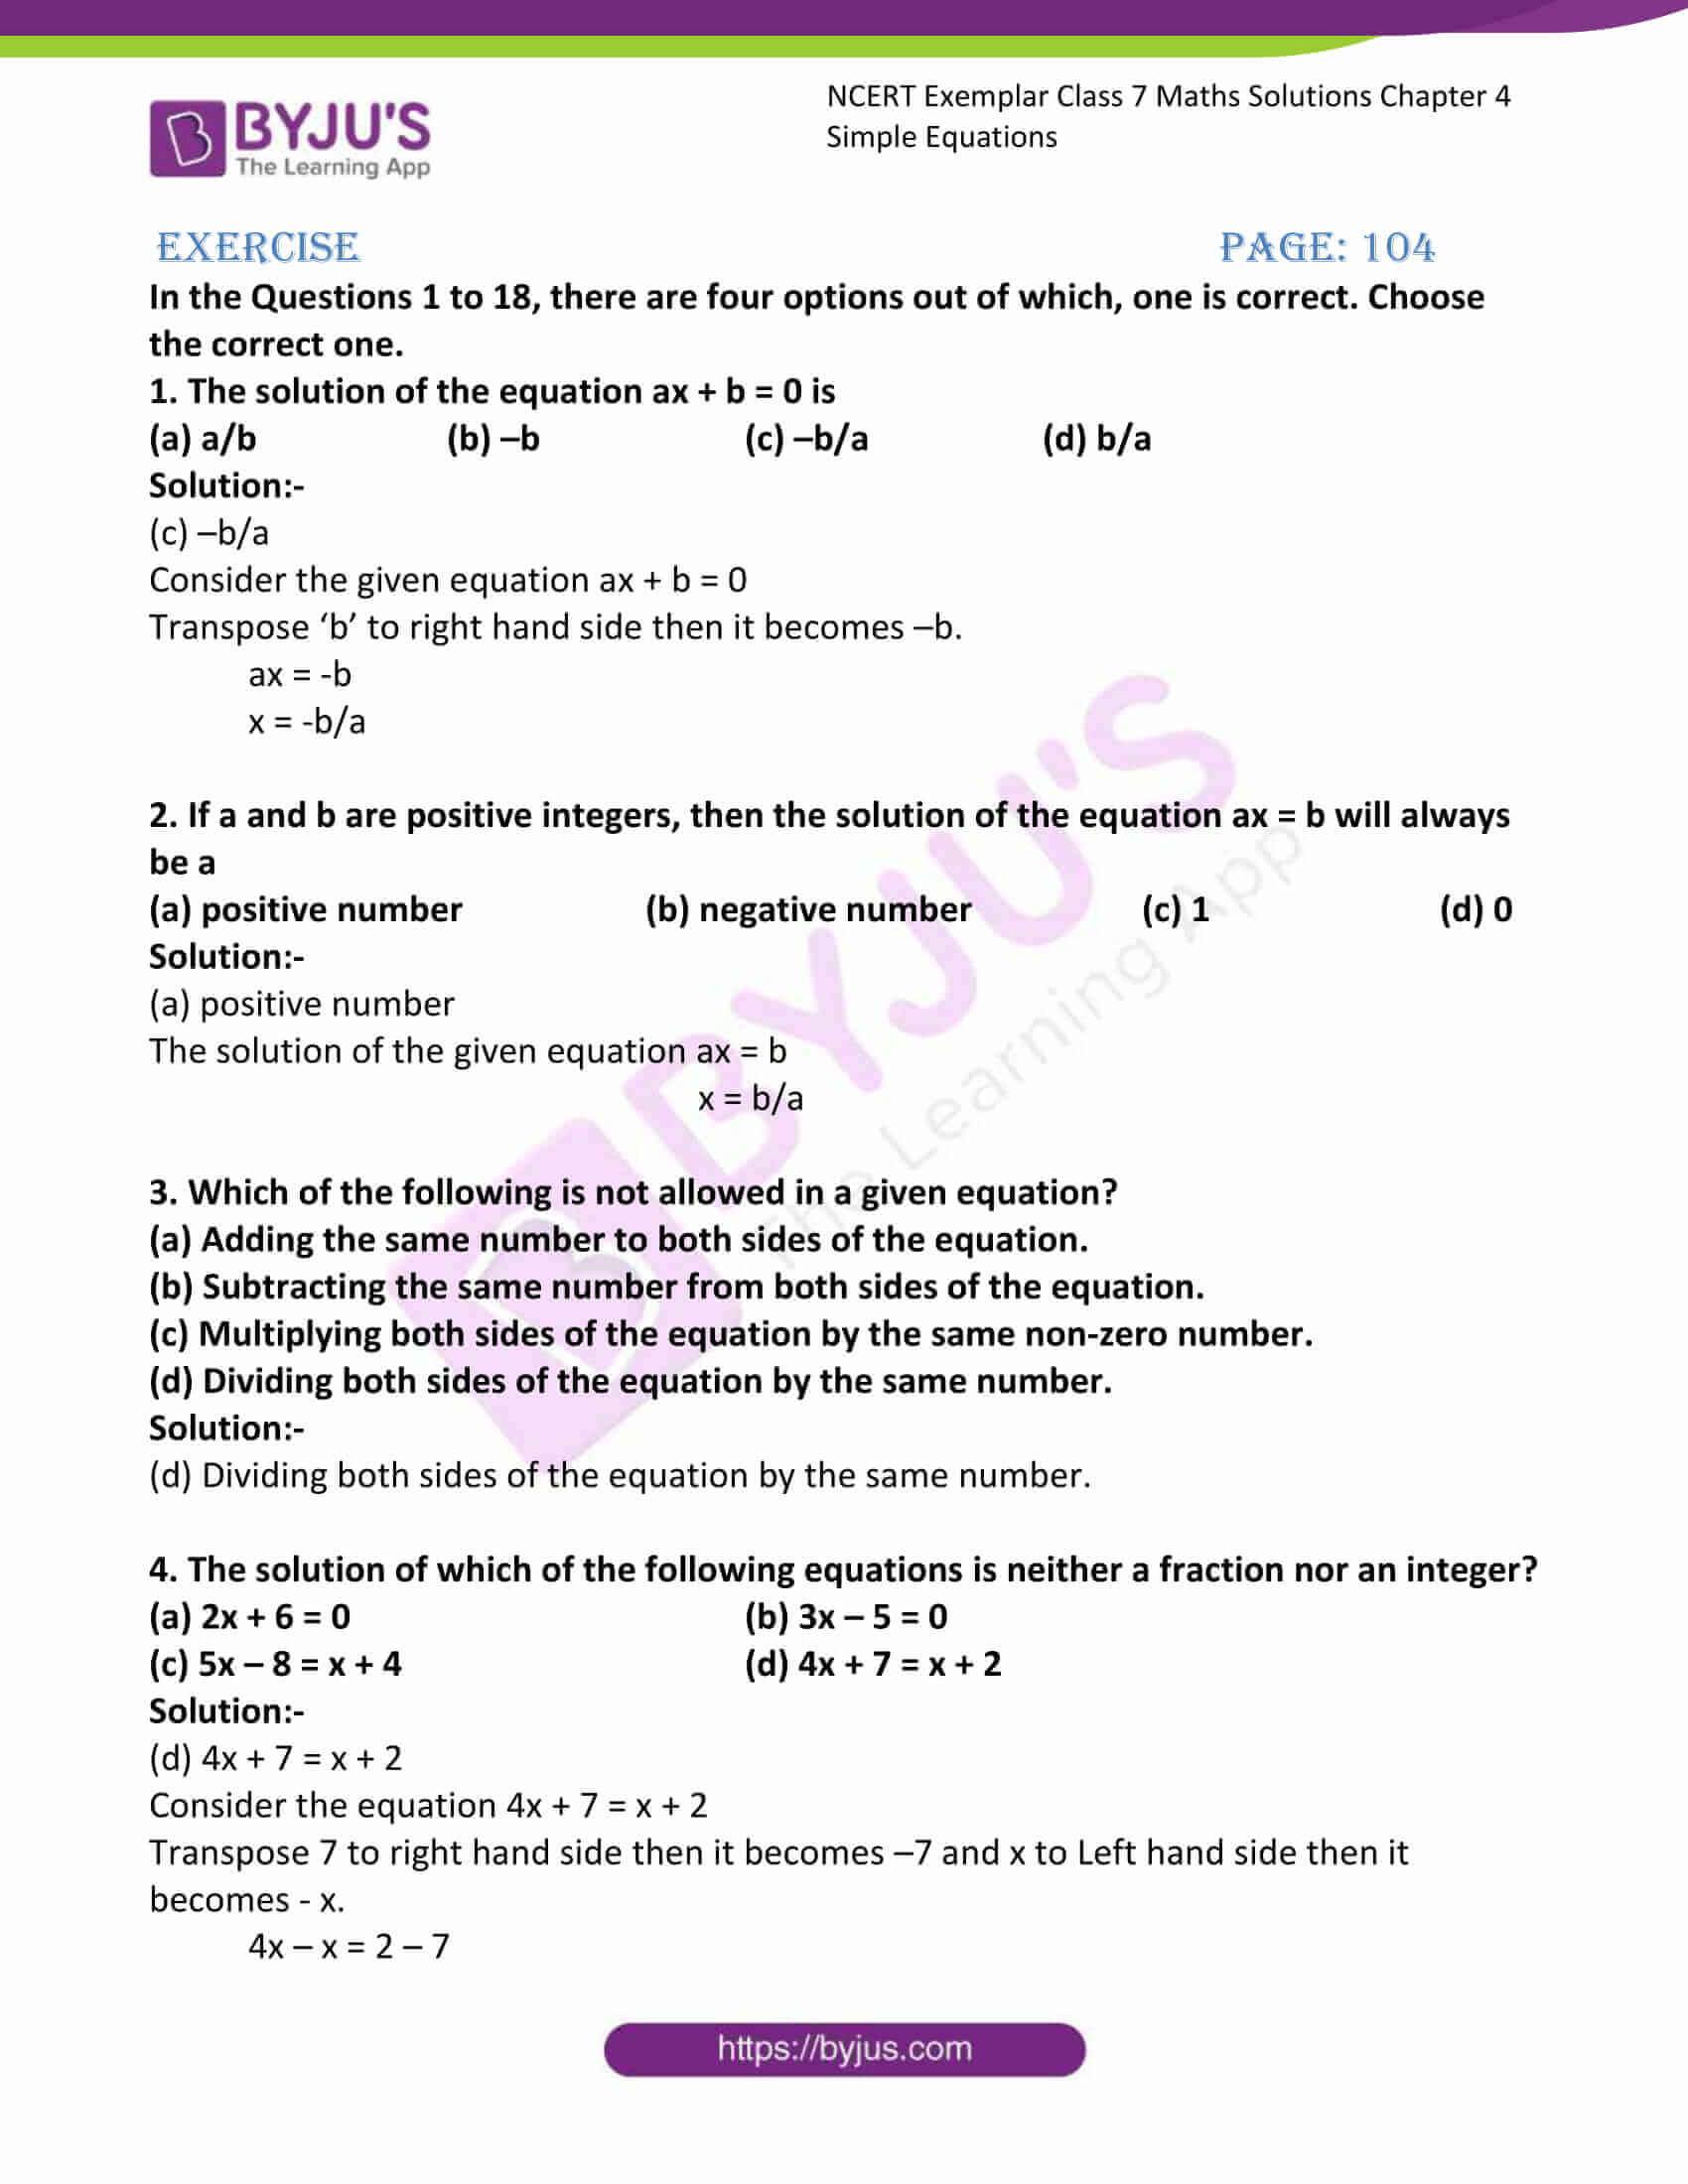 ncert exemplar class 7 maths solutions chapter 4 01